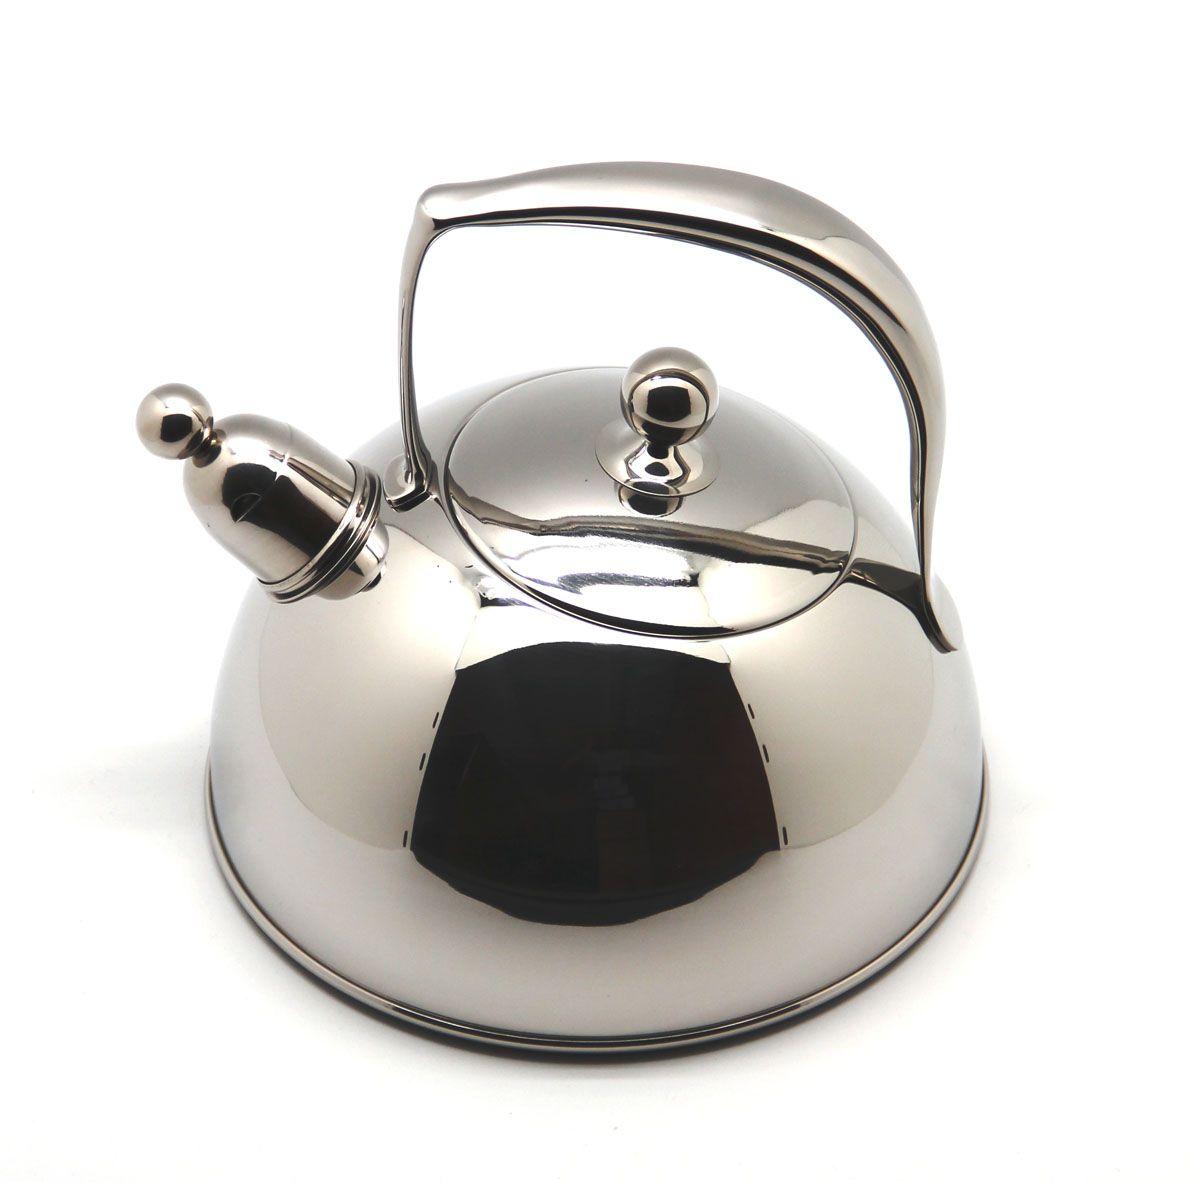 Чайник Silampos Жасмин 411307302620 2л со свистком серый стальной